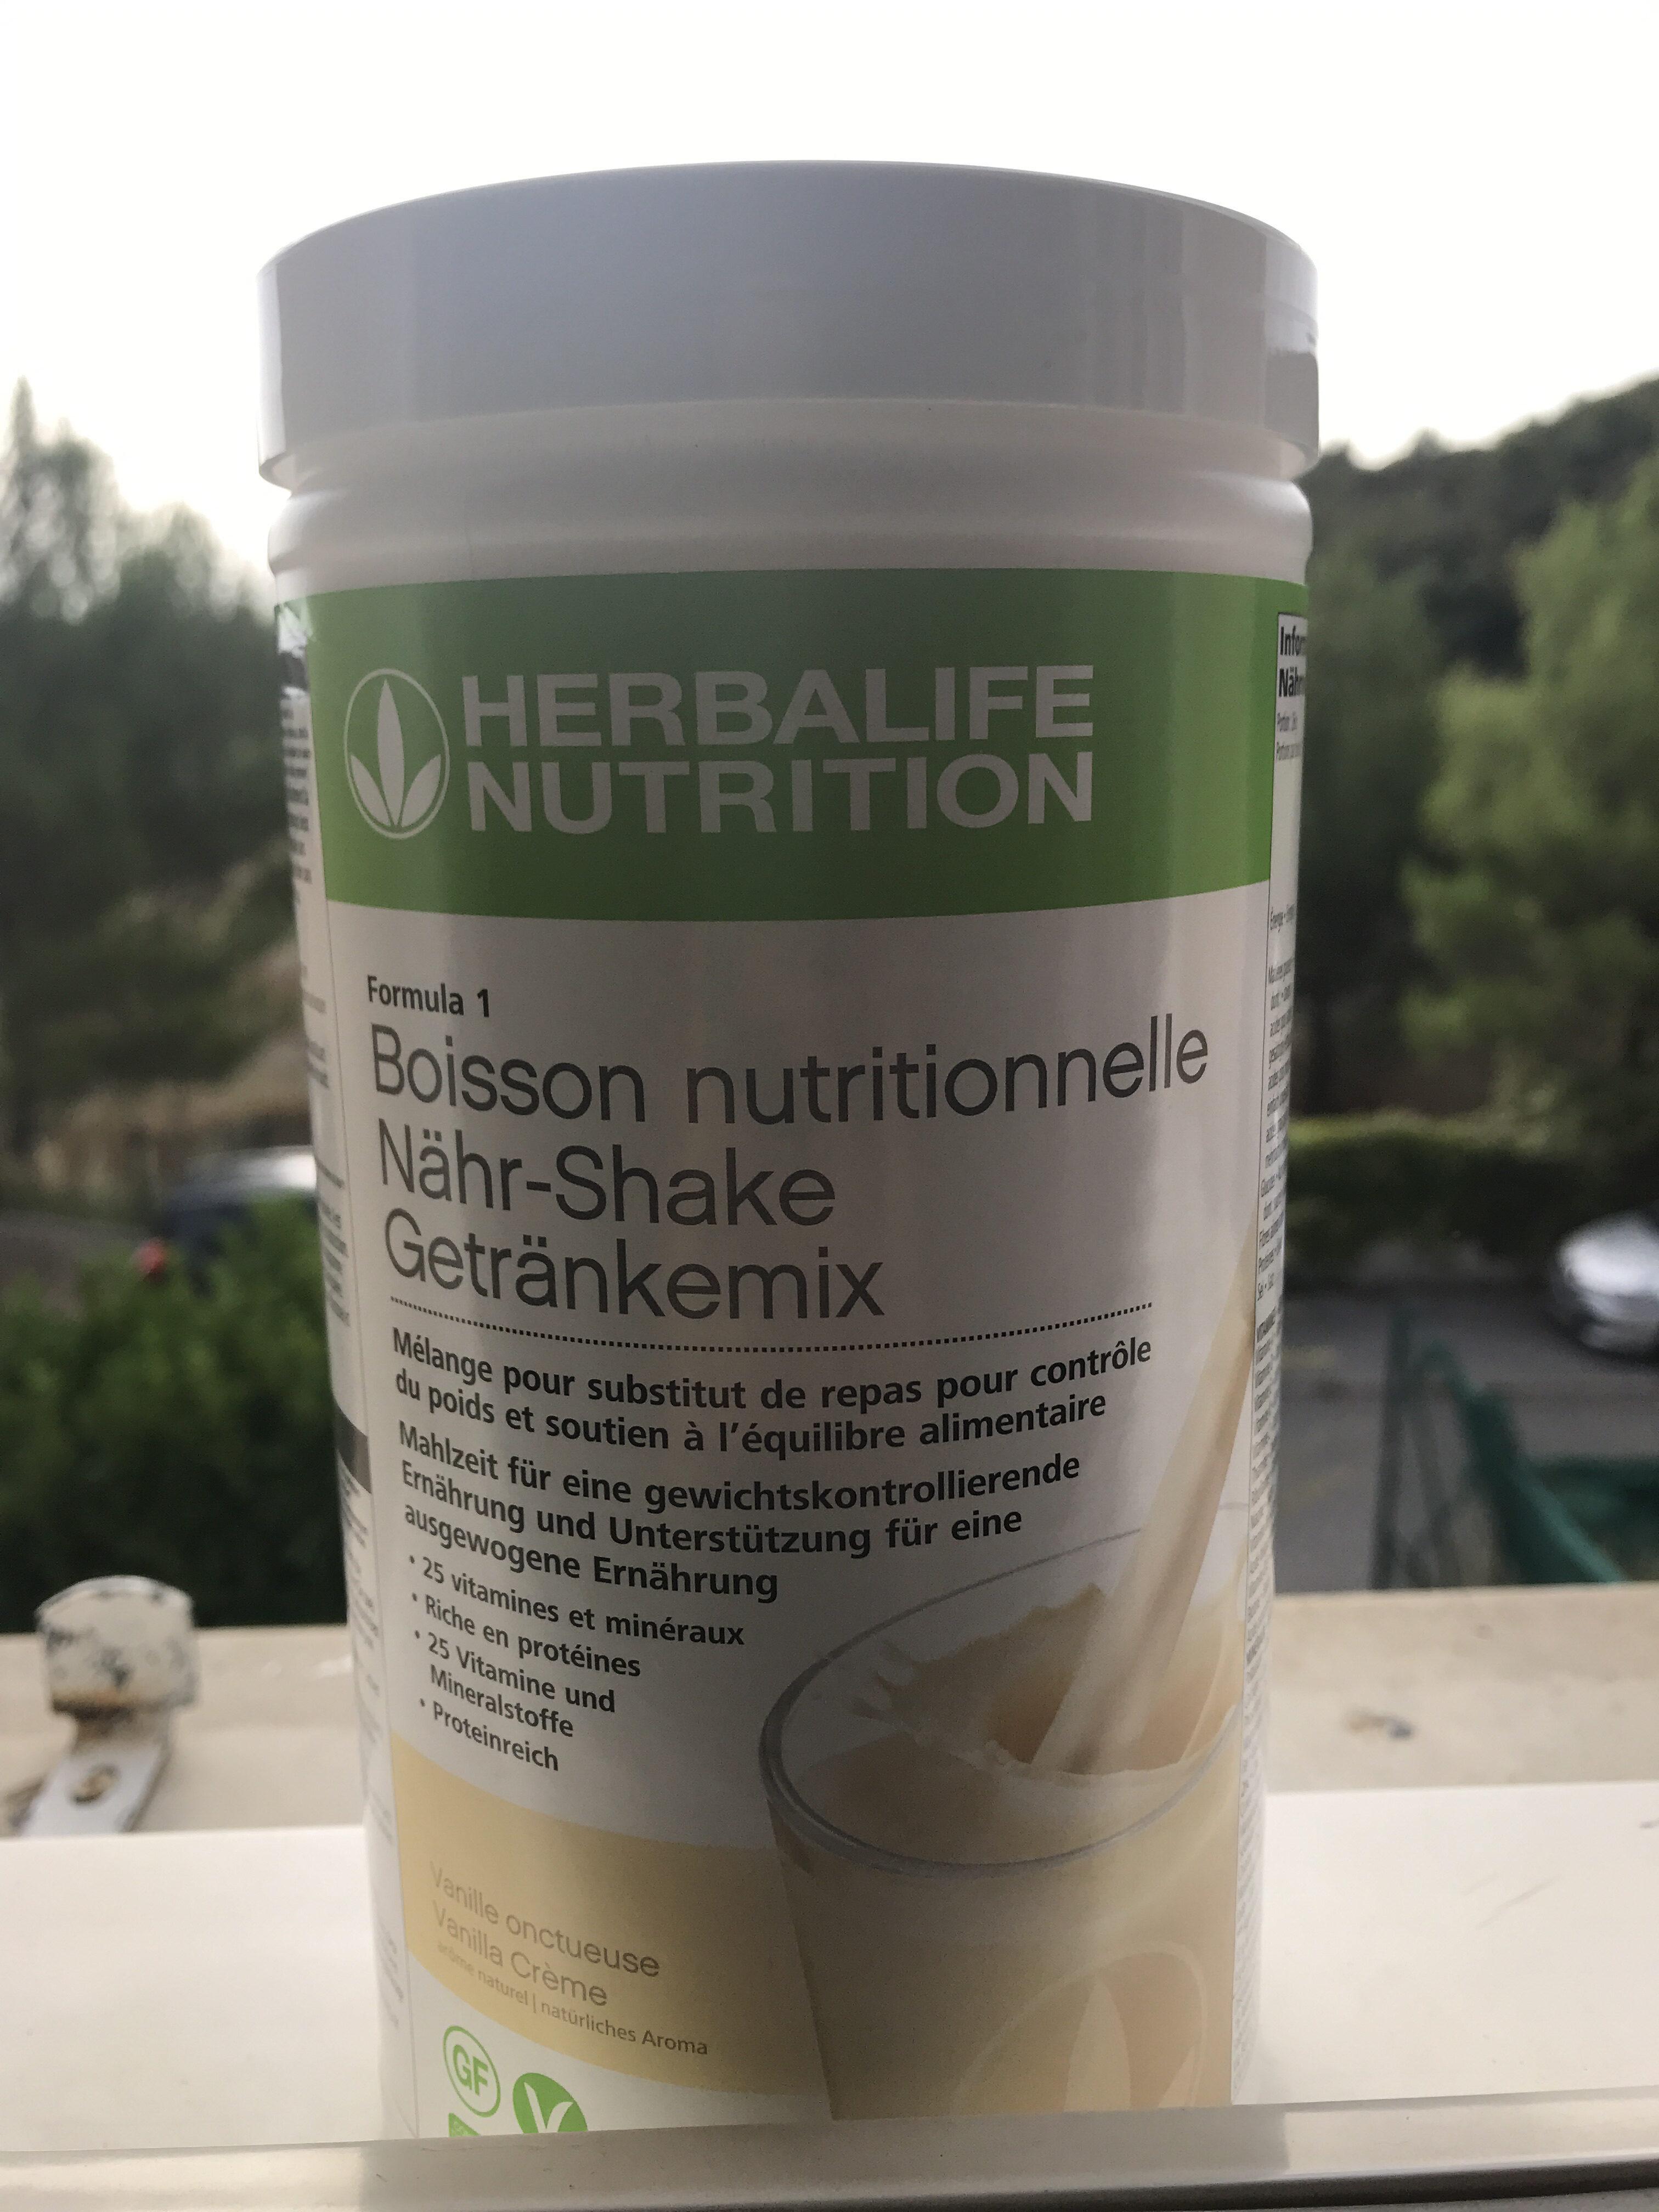 Boisson Nutritionnelle - Produit - fr